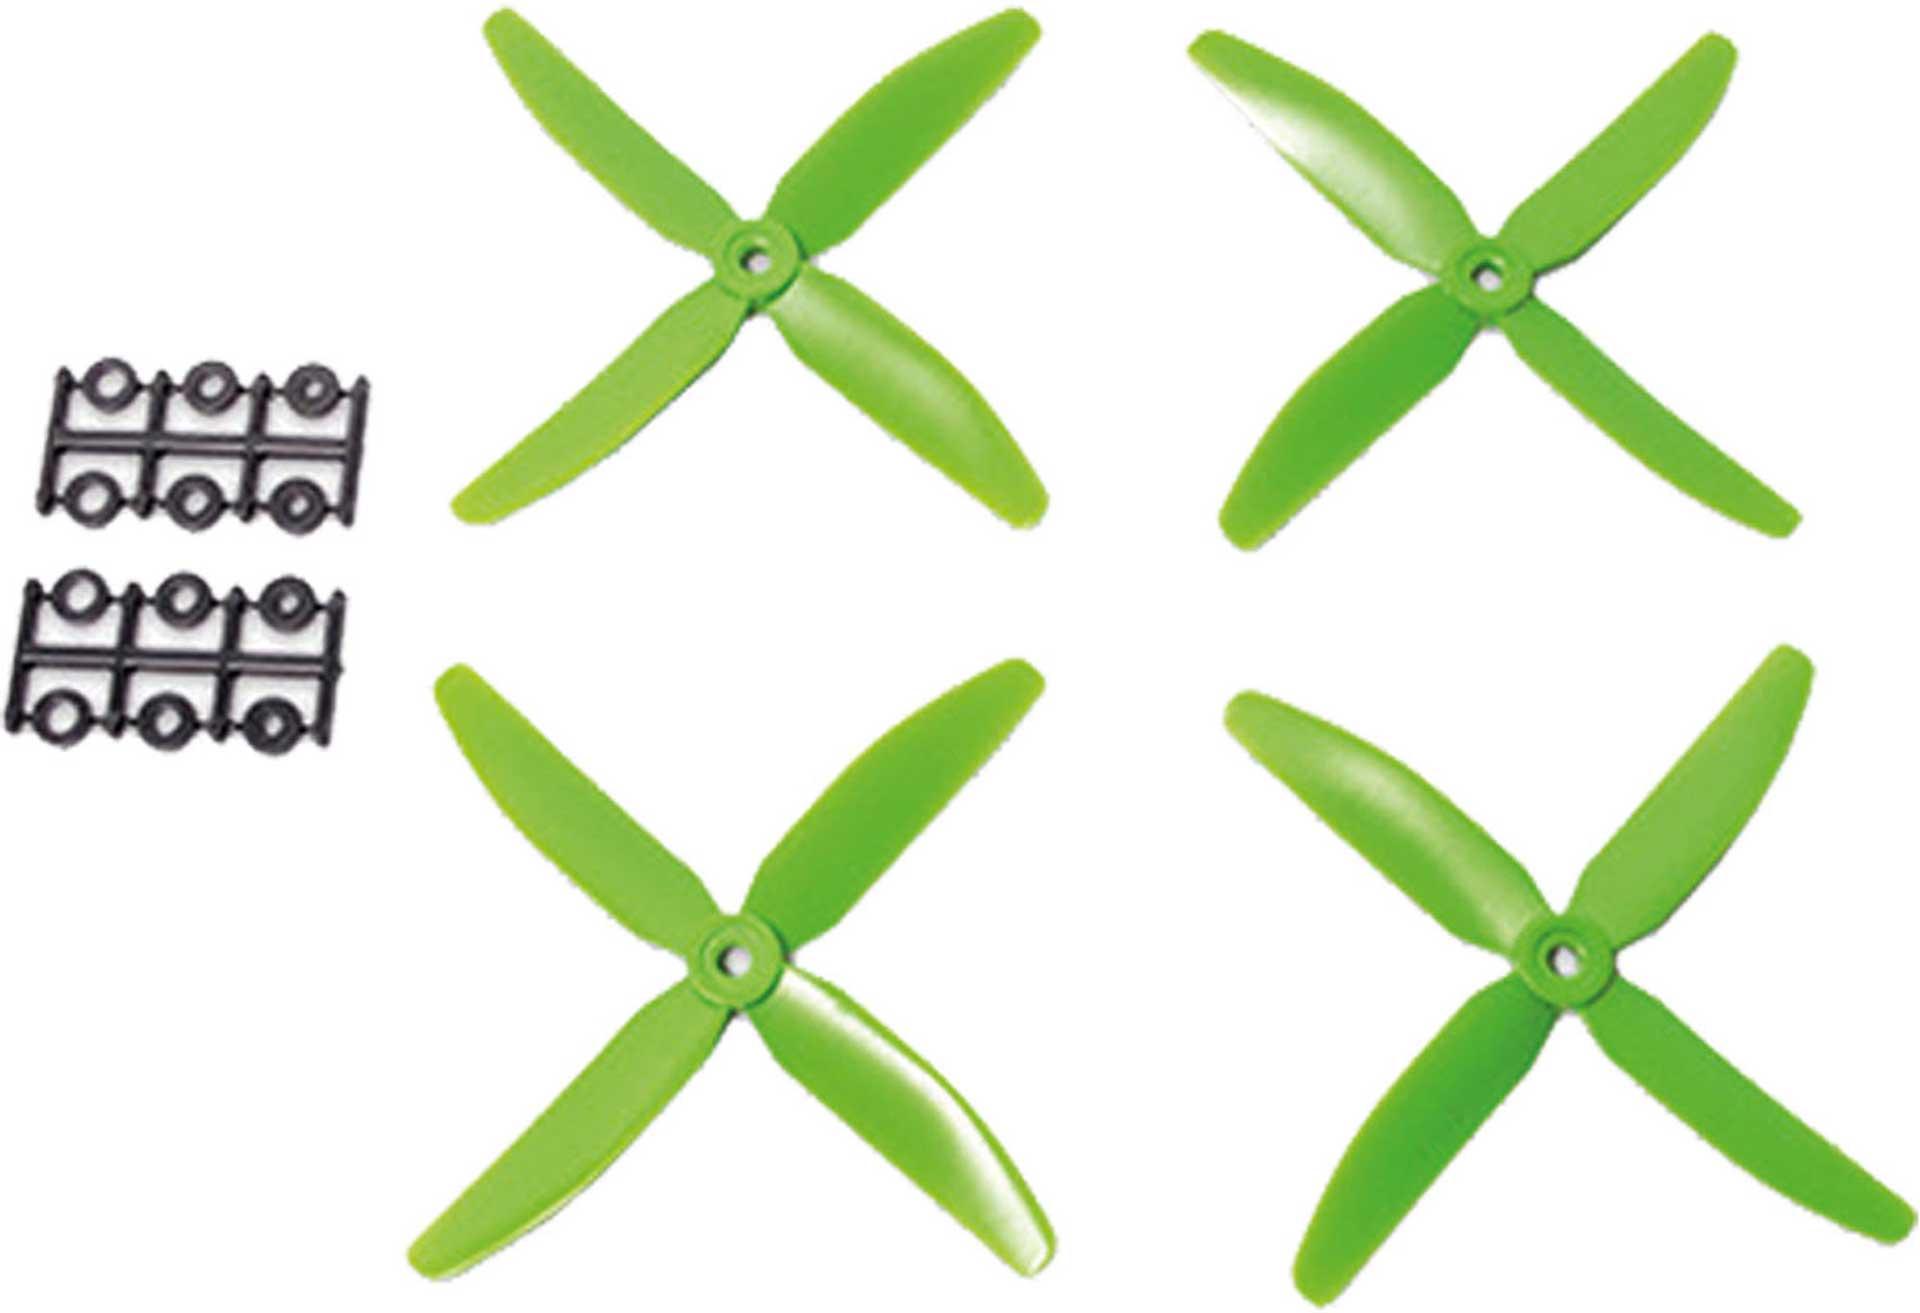 HYPERION 5X4 4-BLADE PROPELLER GREEN CW & CCW 2 PAIR